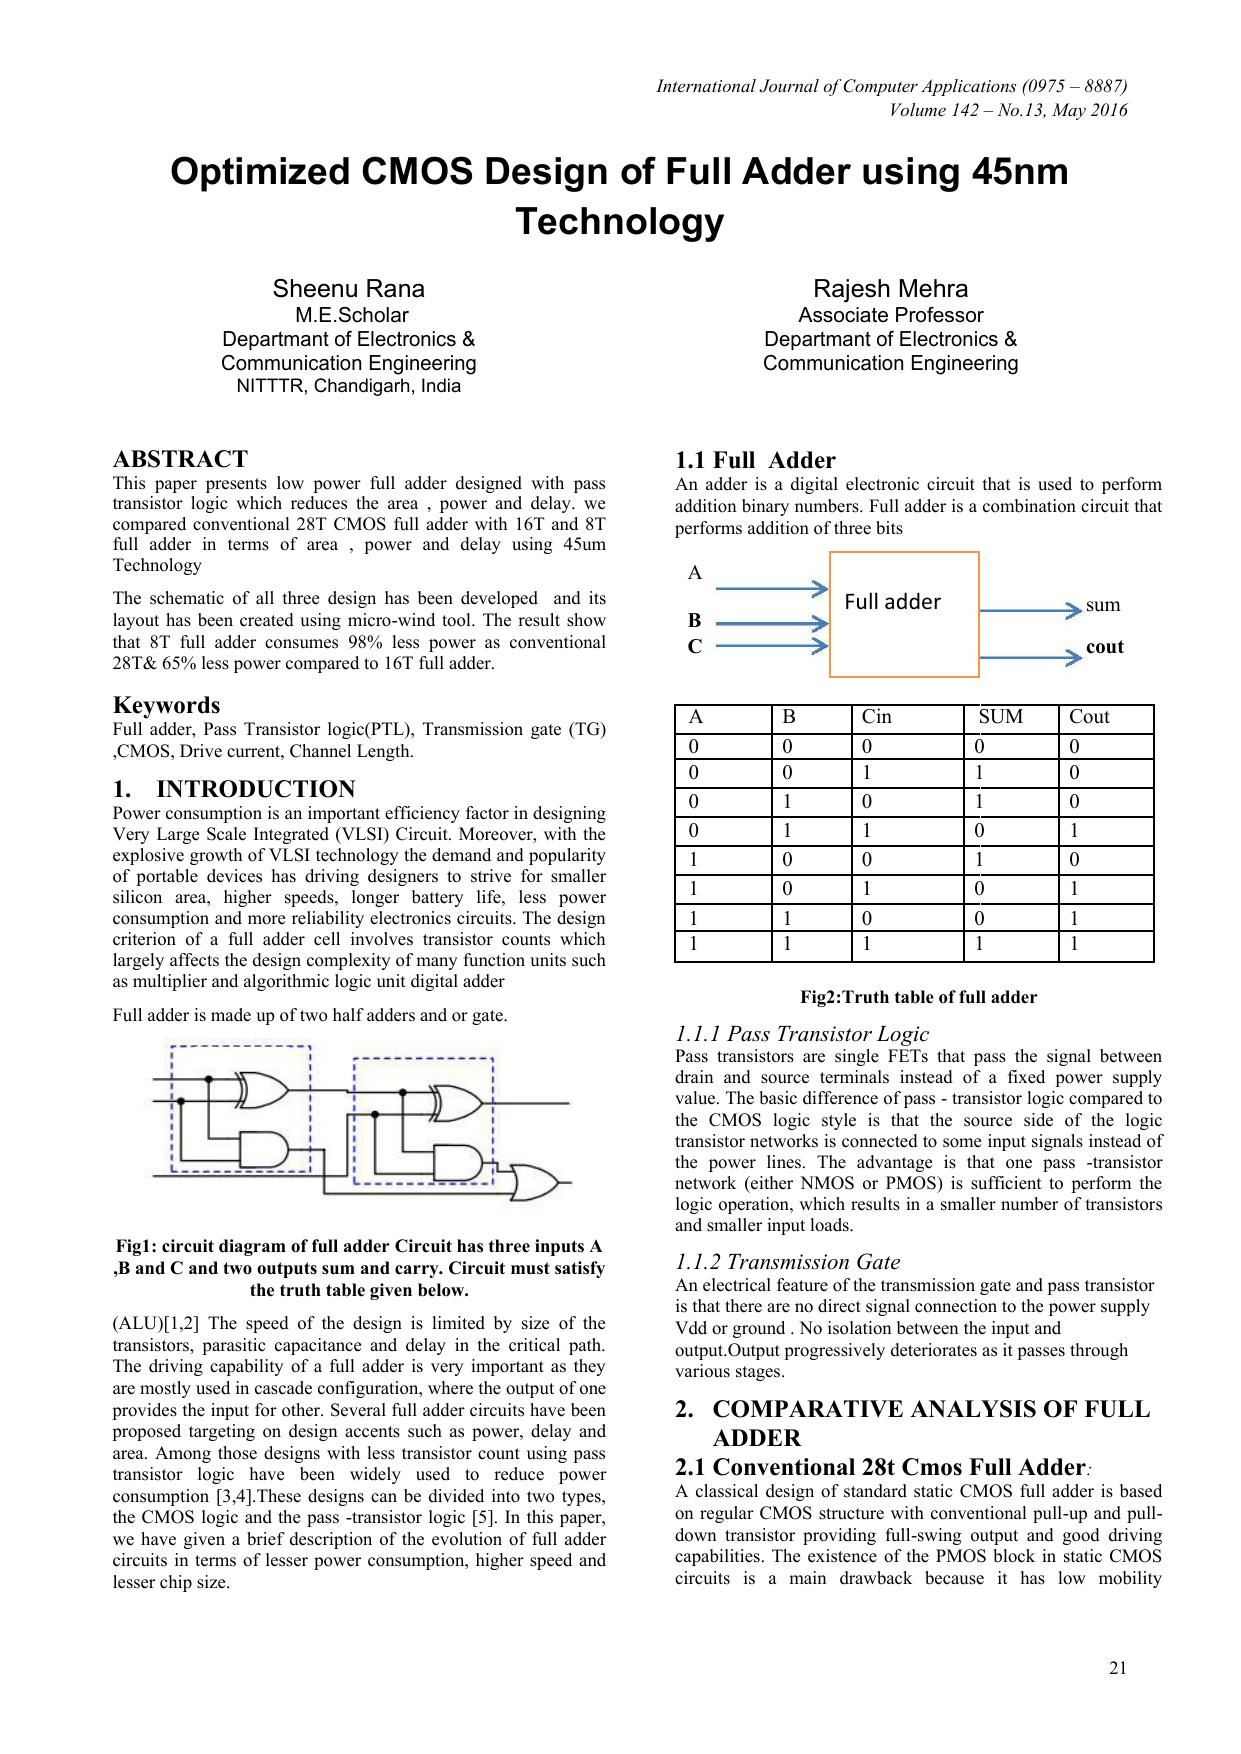 Optimized Cmos Design Of Full Adder Using 45nm Technology Diagram